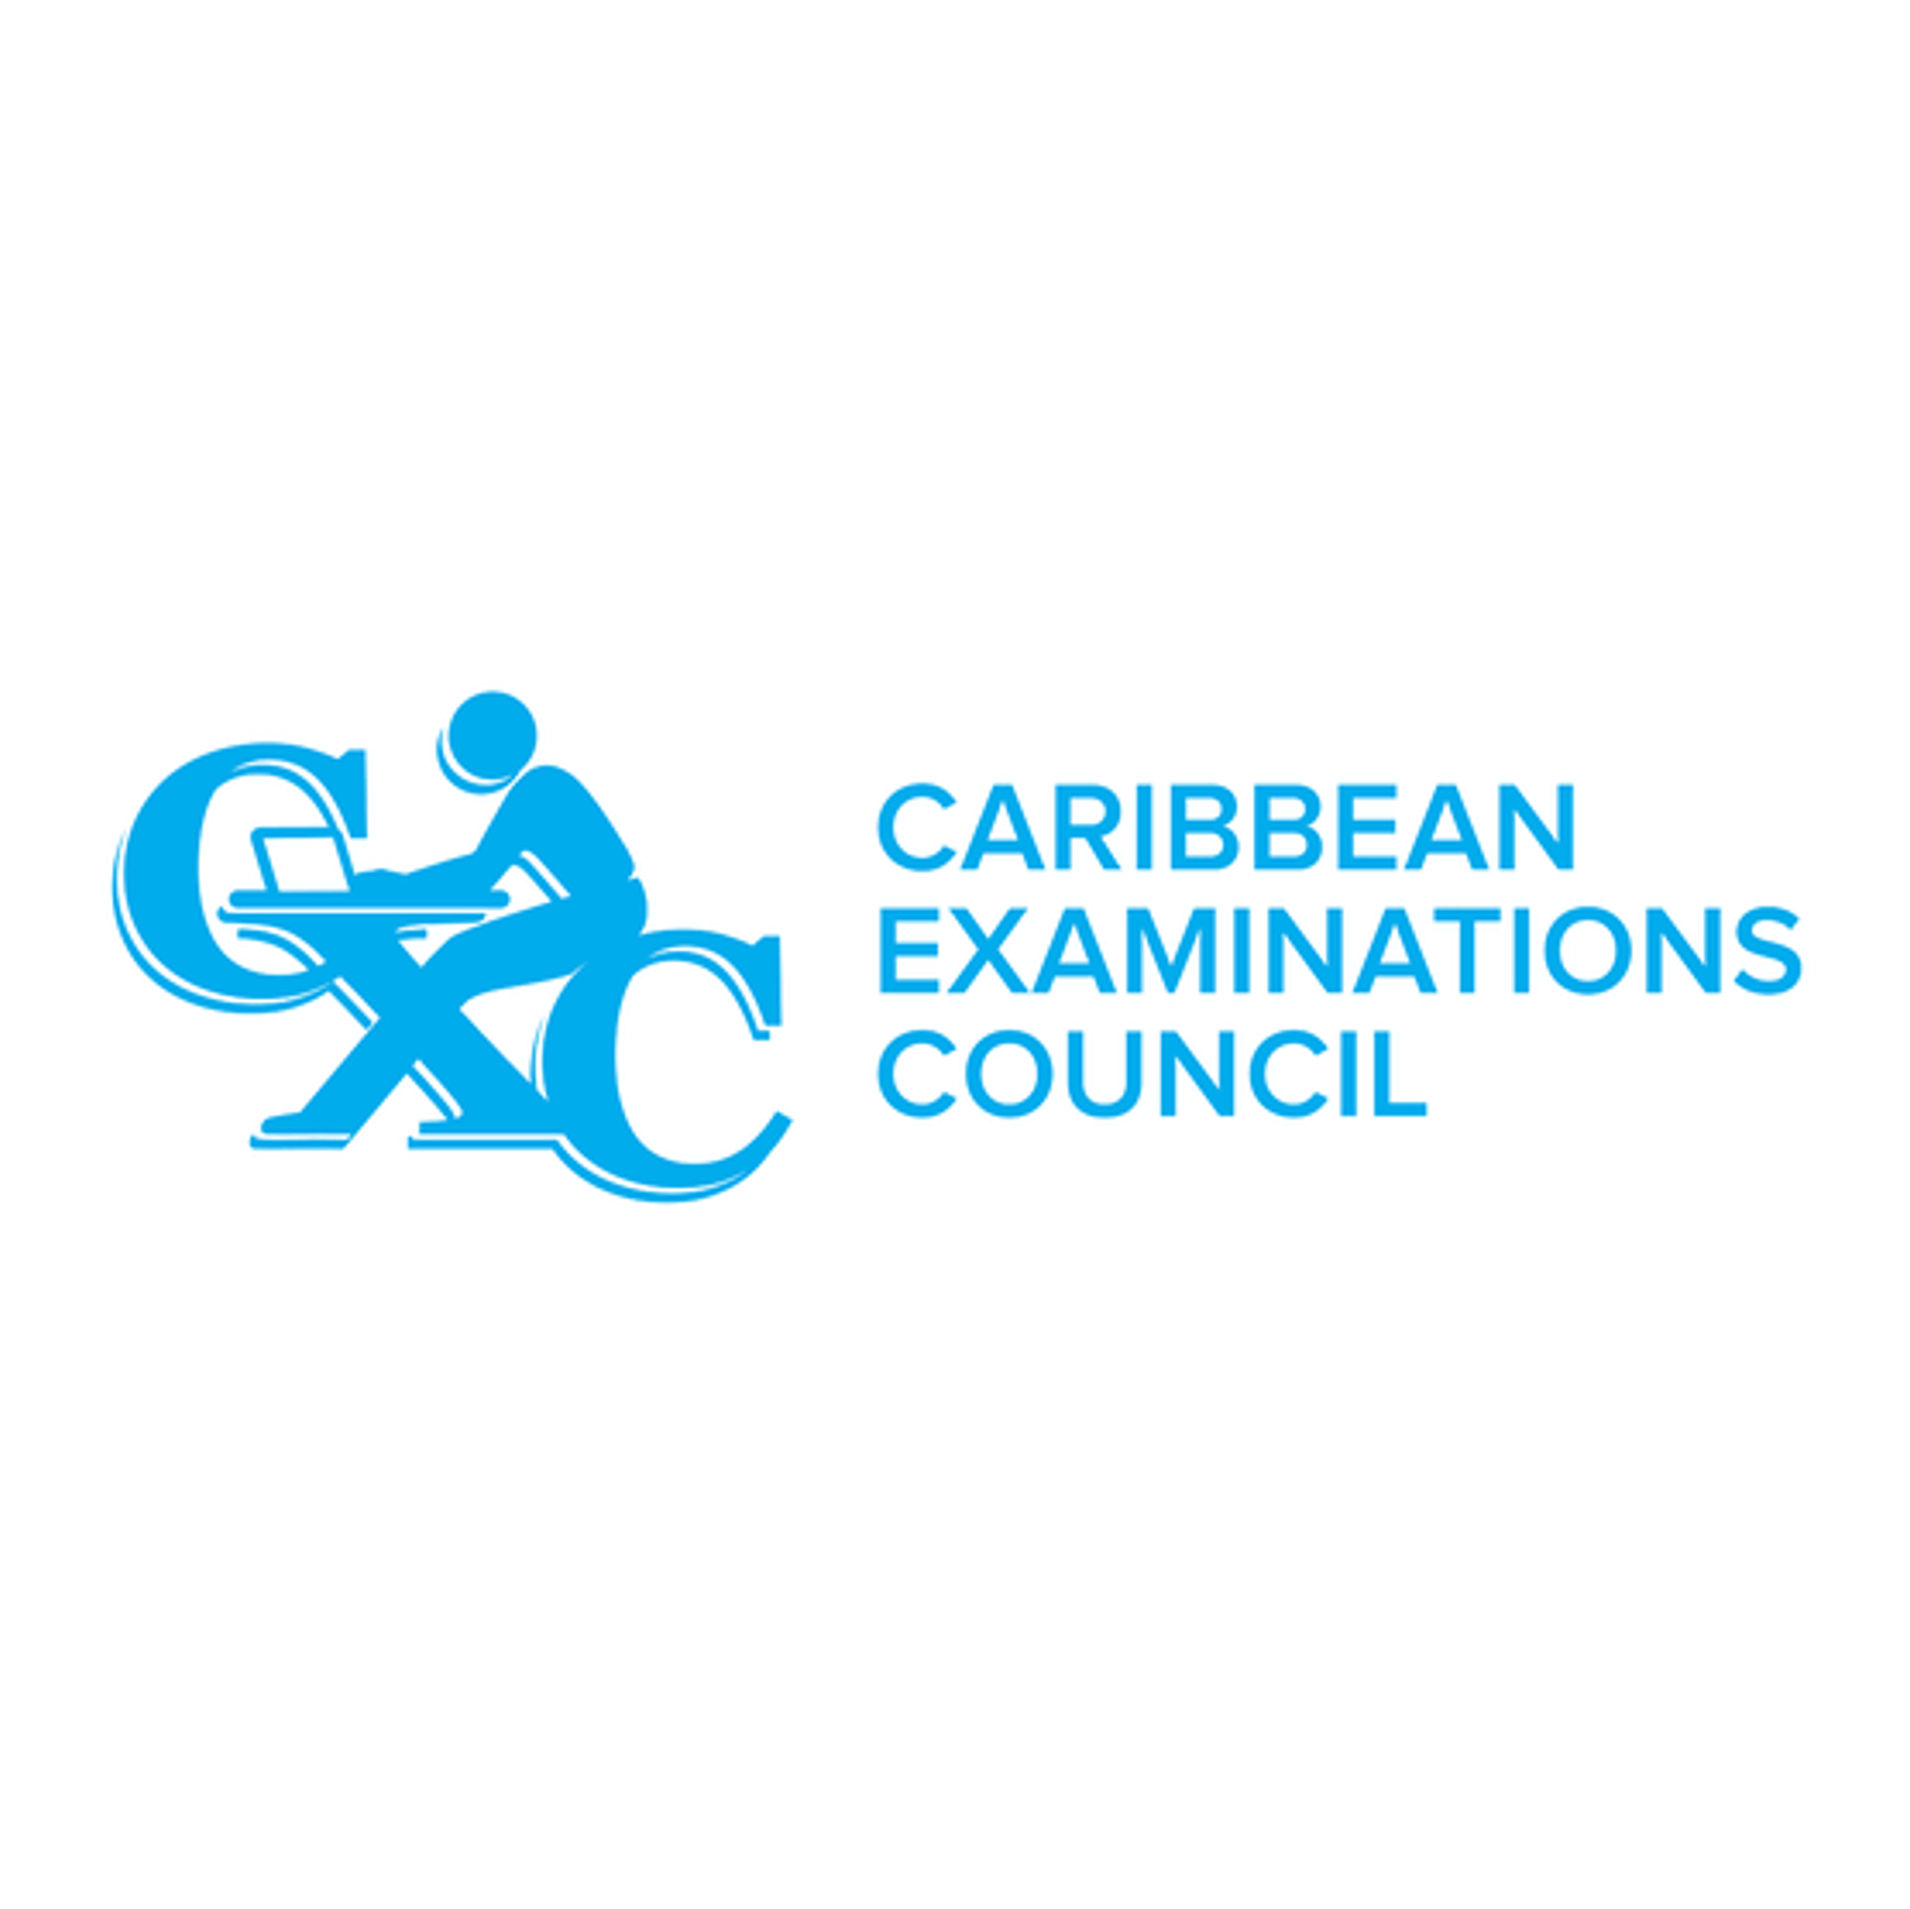 Caribbean Examinations Council (CXC)